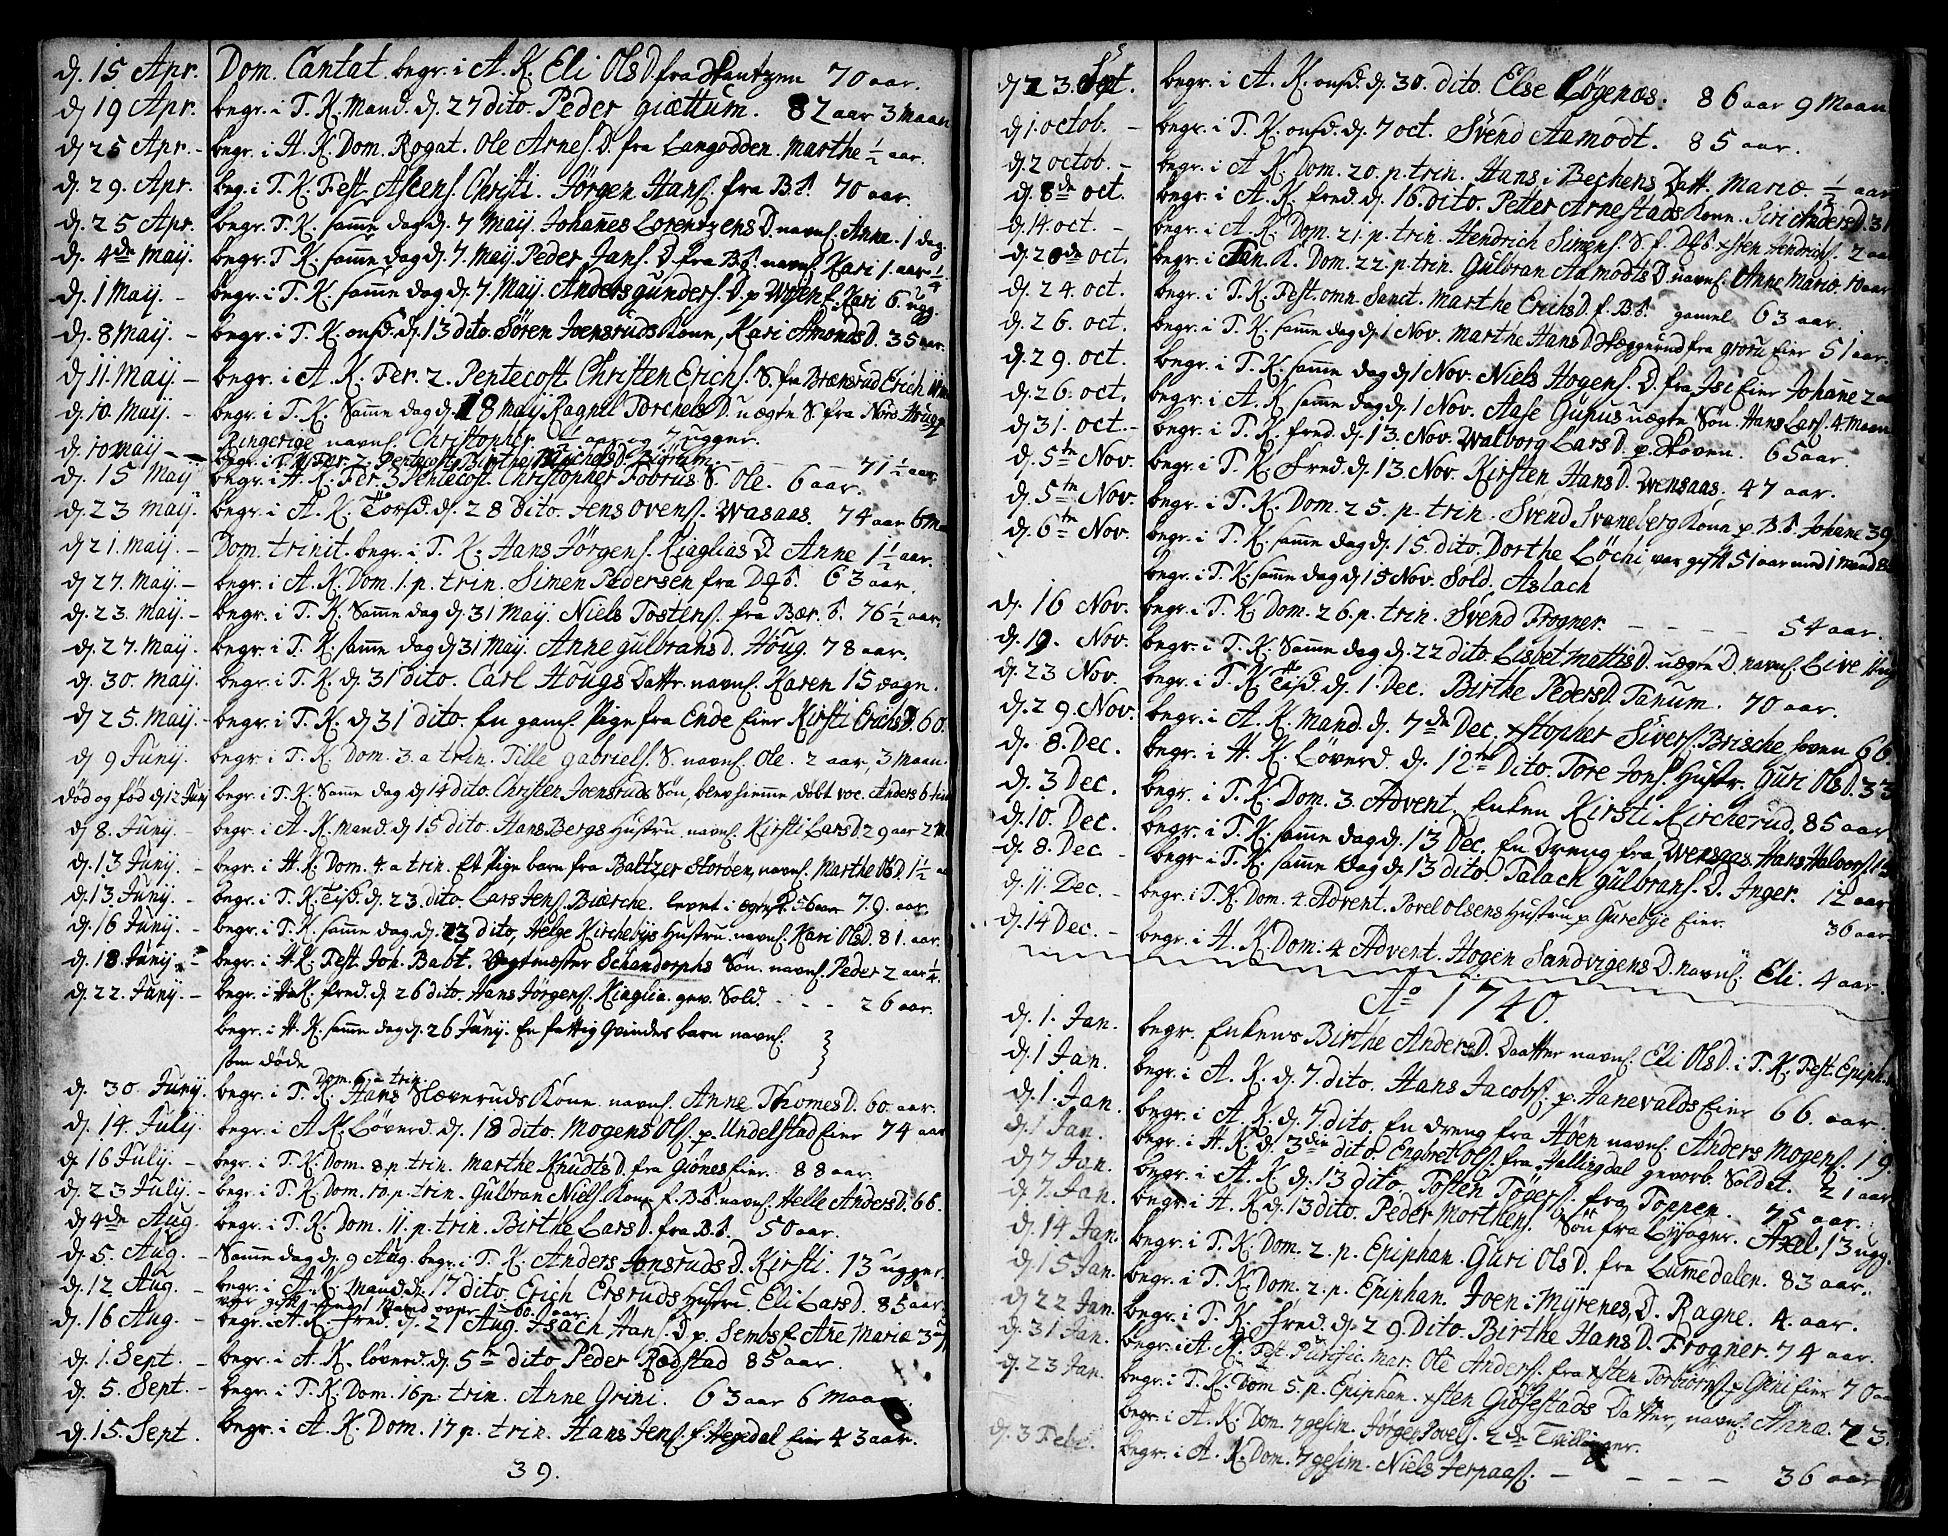 SAO, Asker prestekontor Kirkebøker, F/Fa/L0001: Ministerialbok nr. I 1, 1726-1744, s. 104